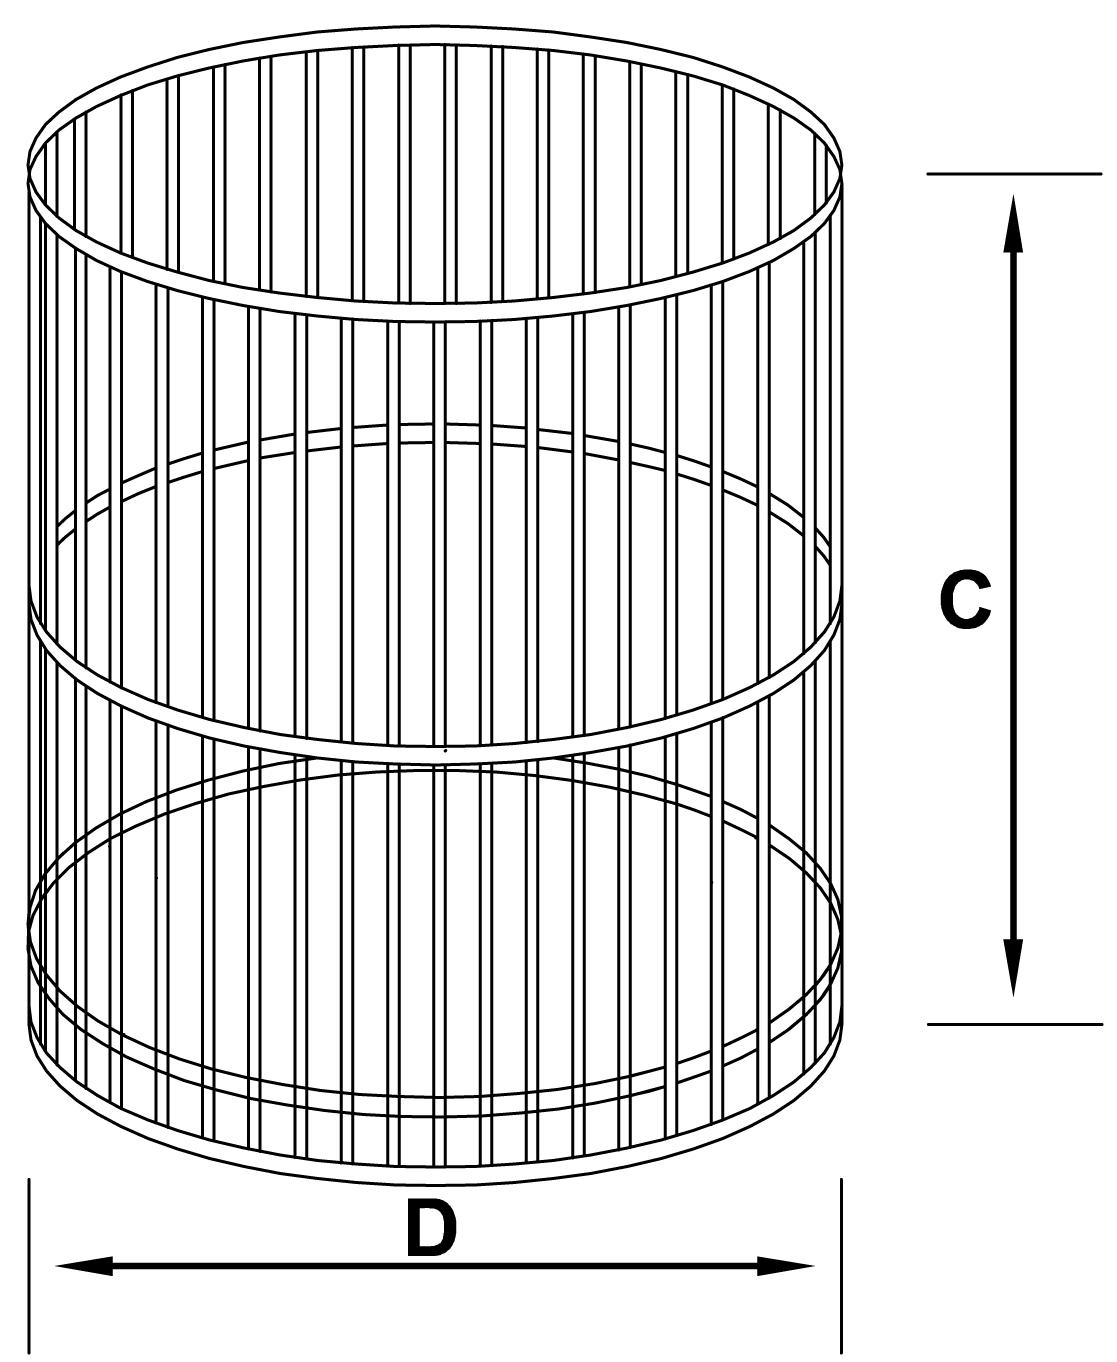 kosze okrągłe ocynkowane - schemat